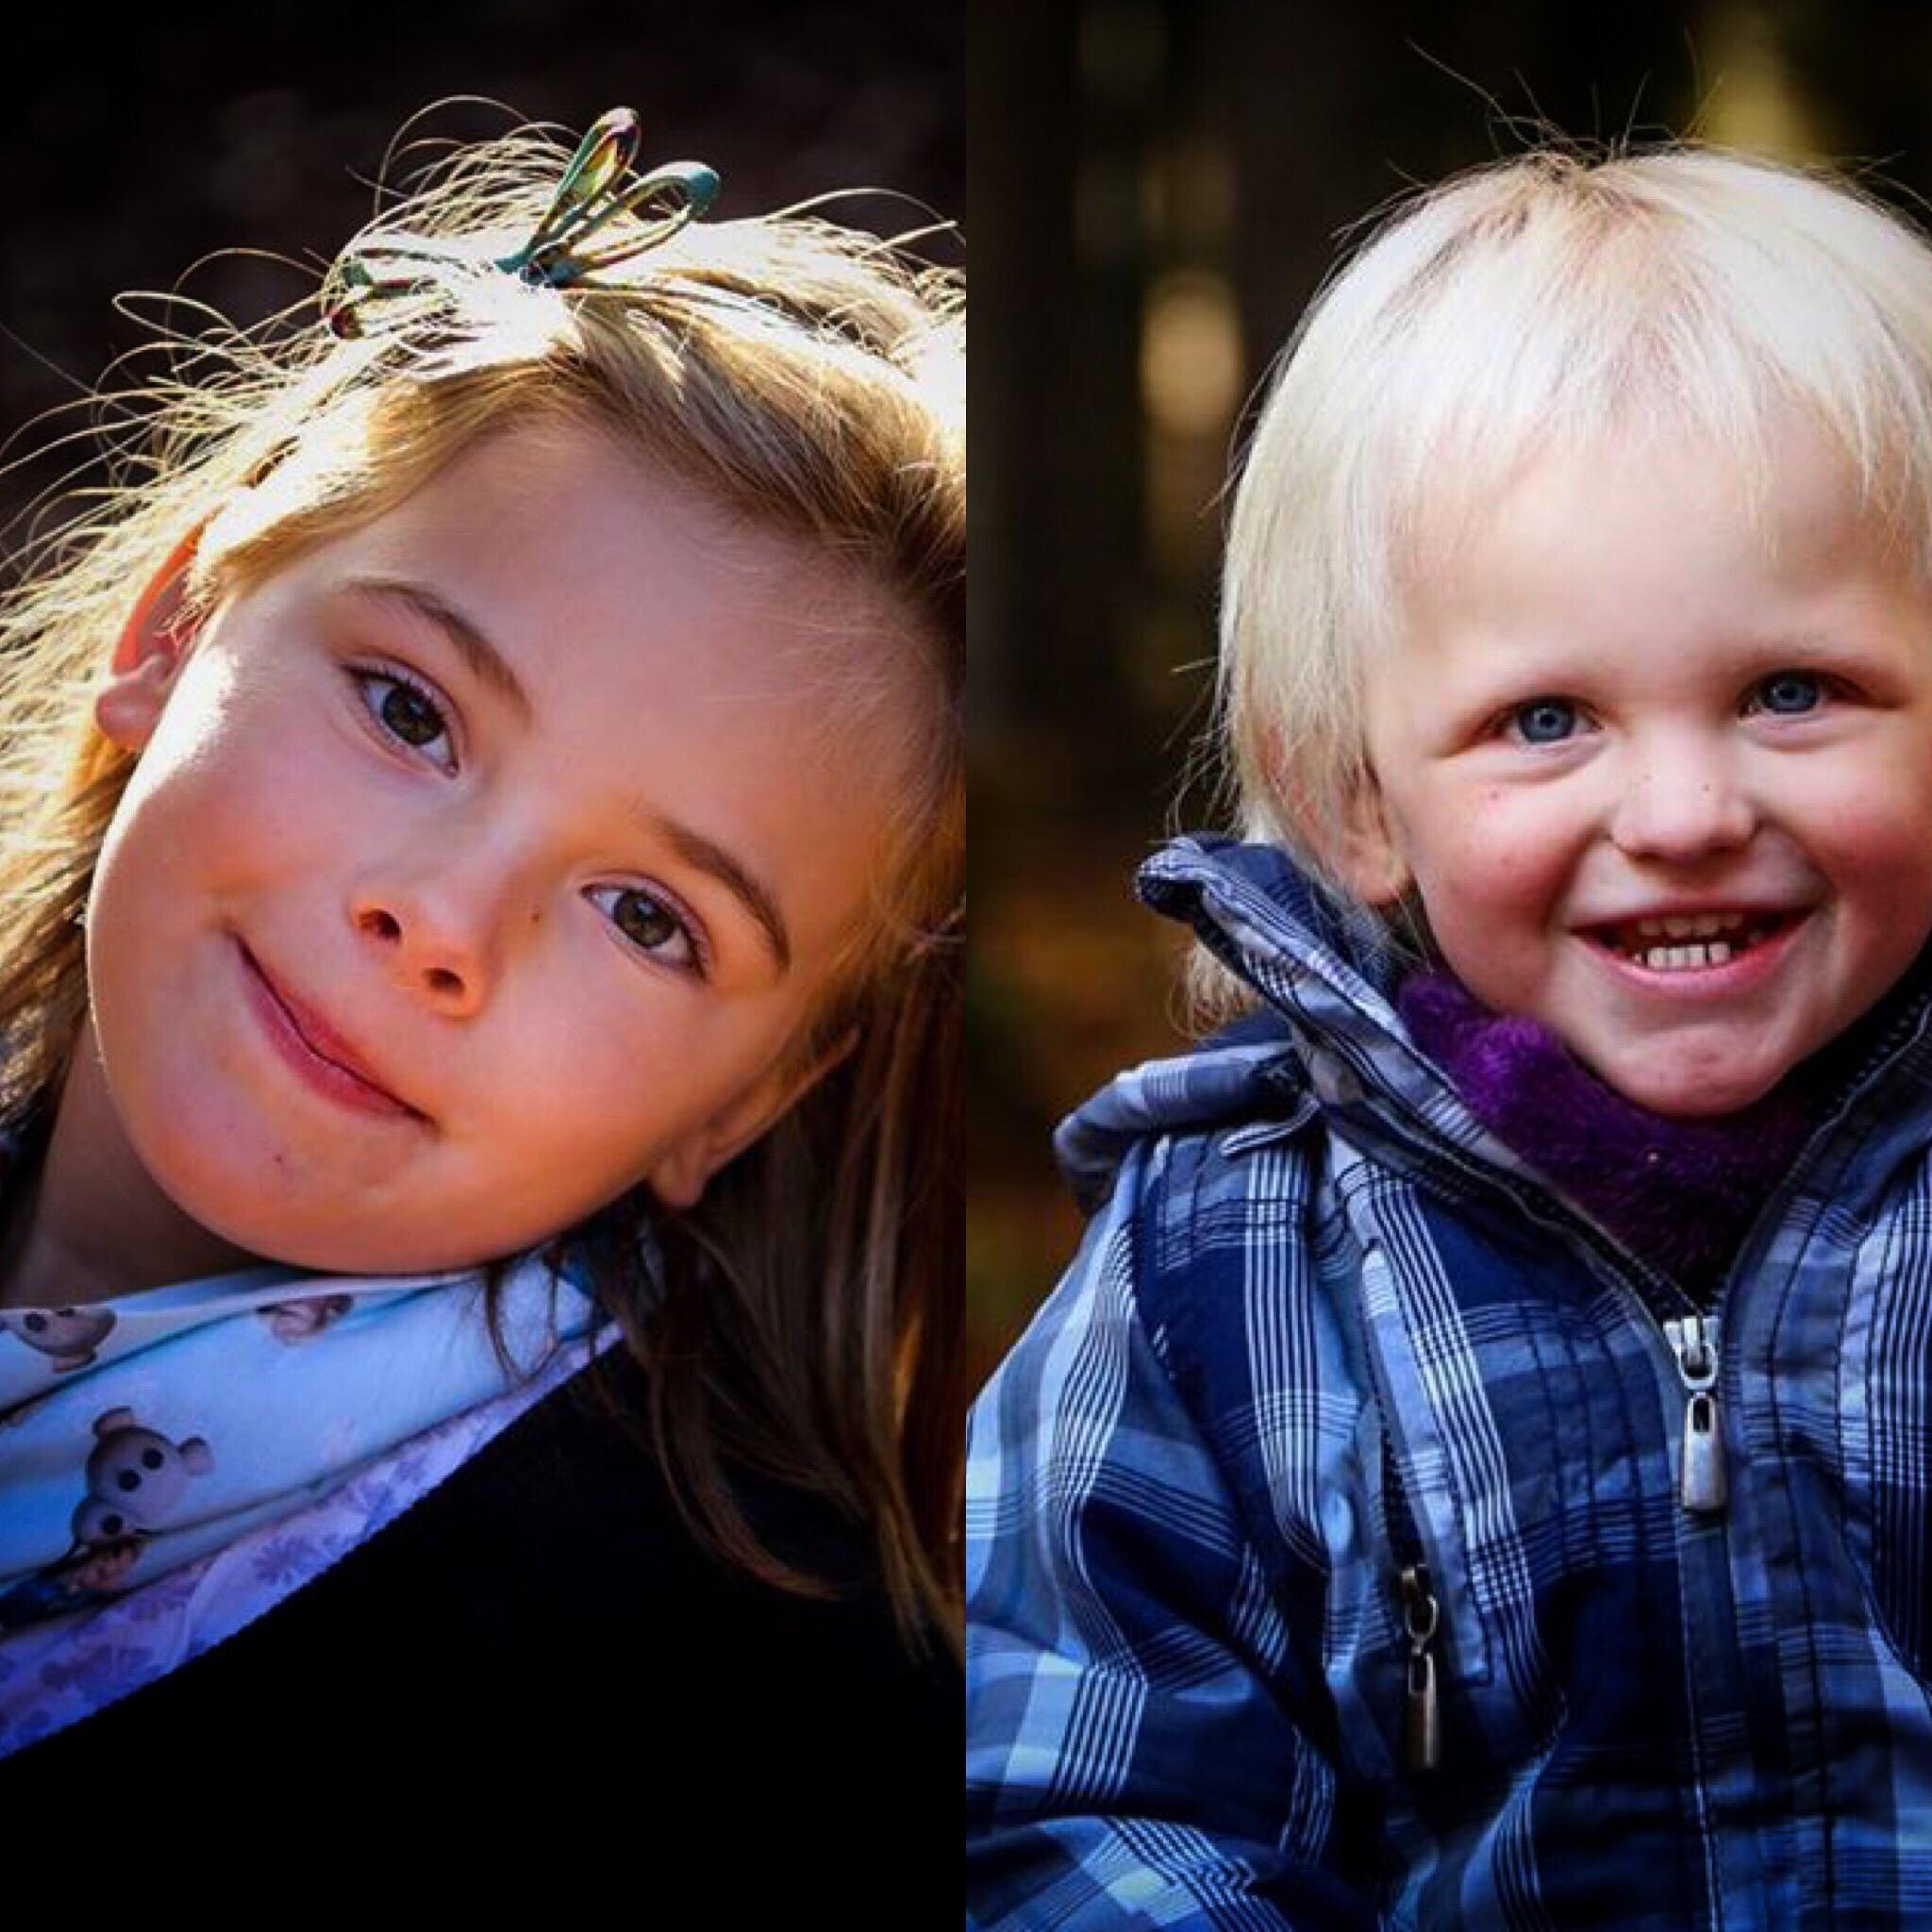 En twee portretten van de meiden